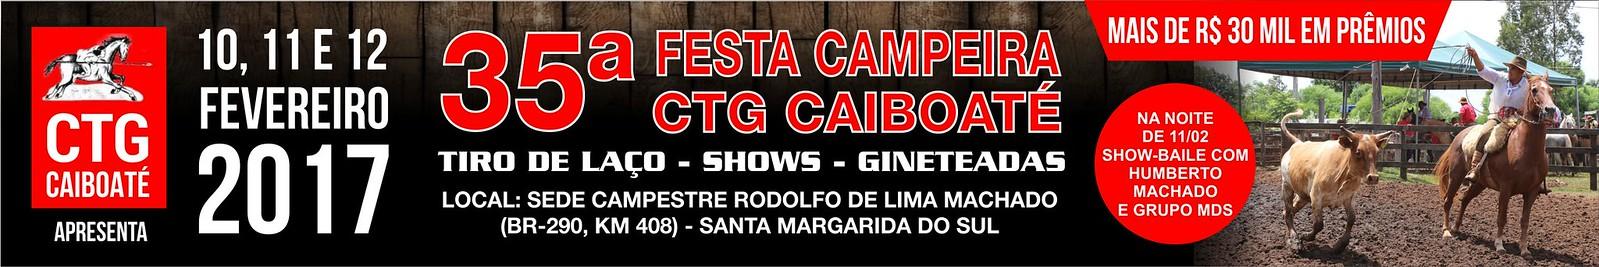 Anúncio 35ª Festa Campeira CTG Caiboaté